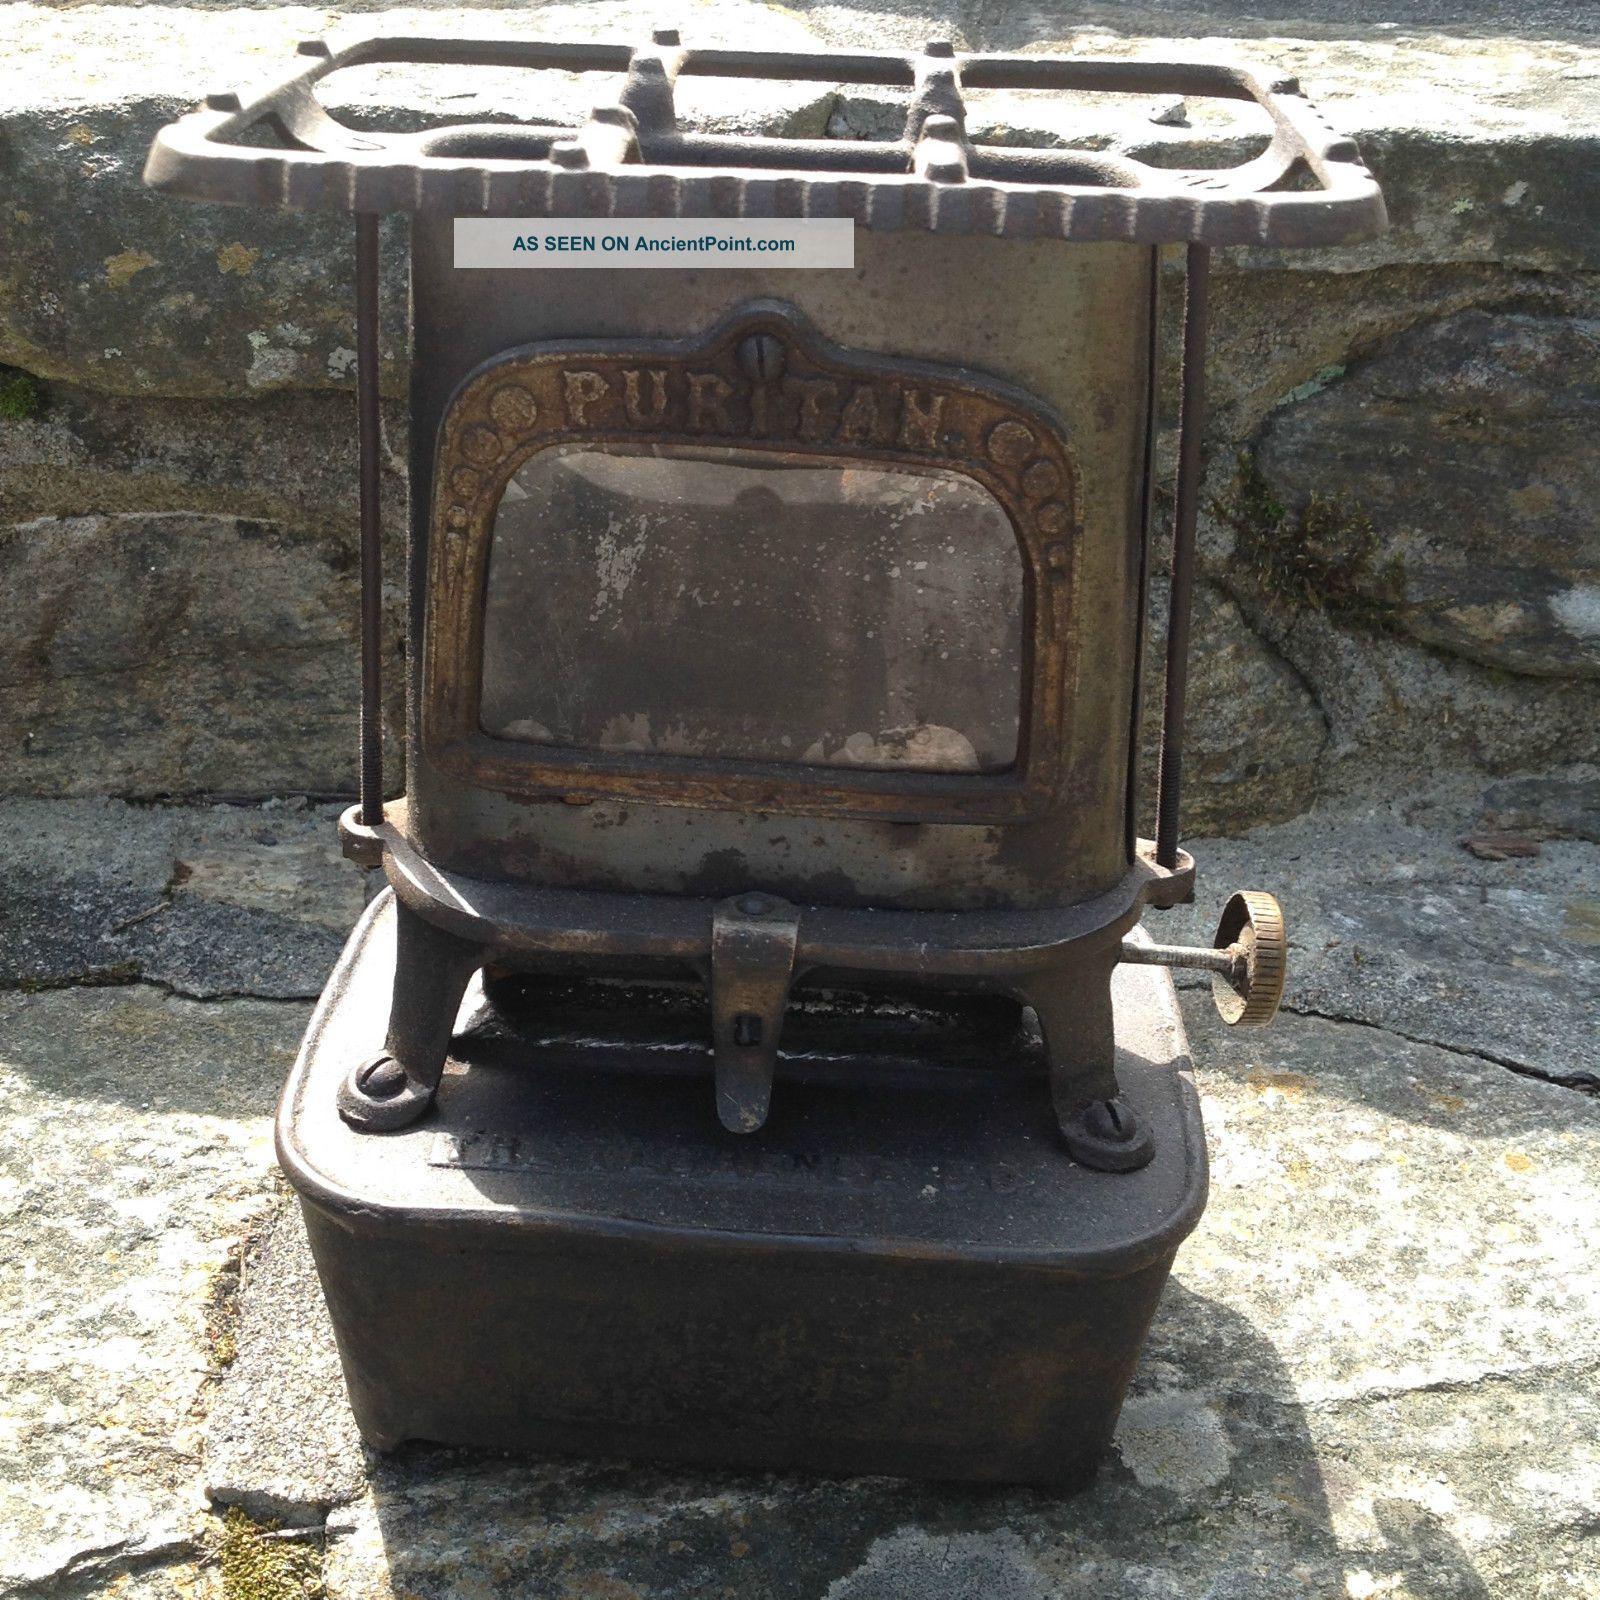 Antique Florence Cast Iron Kerosene Heater - - Florence Mass. Stoves photo